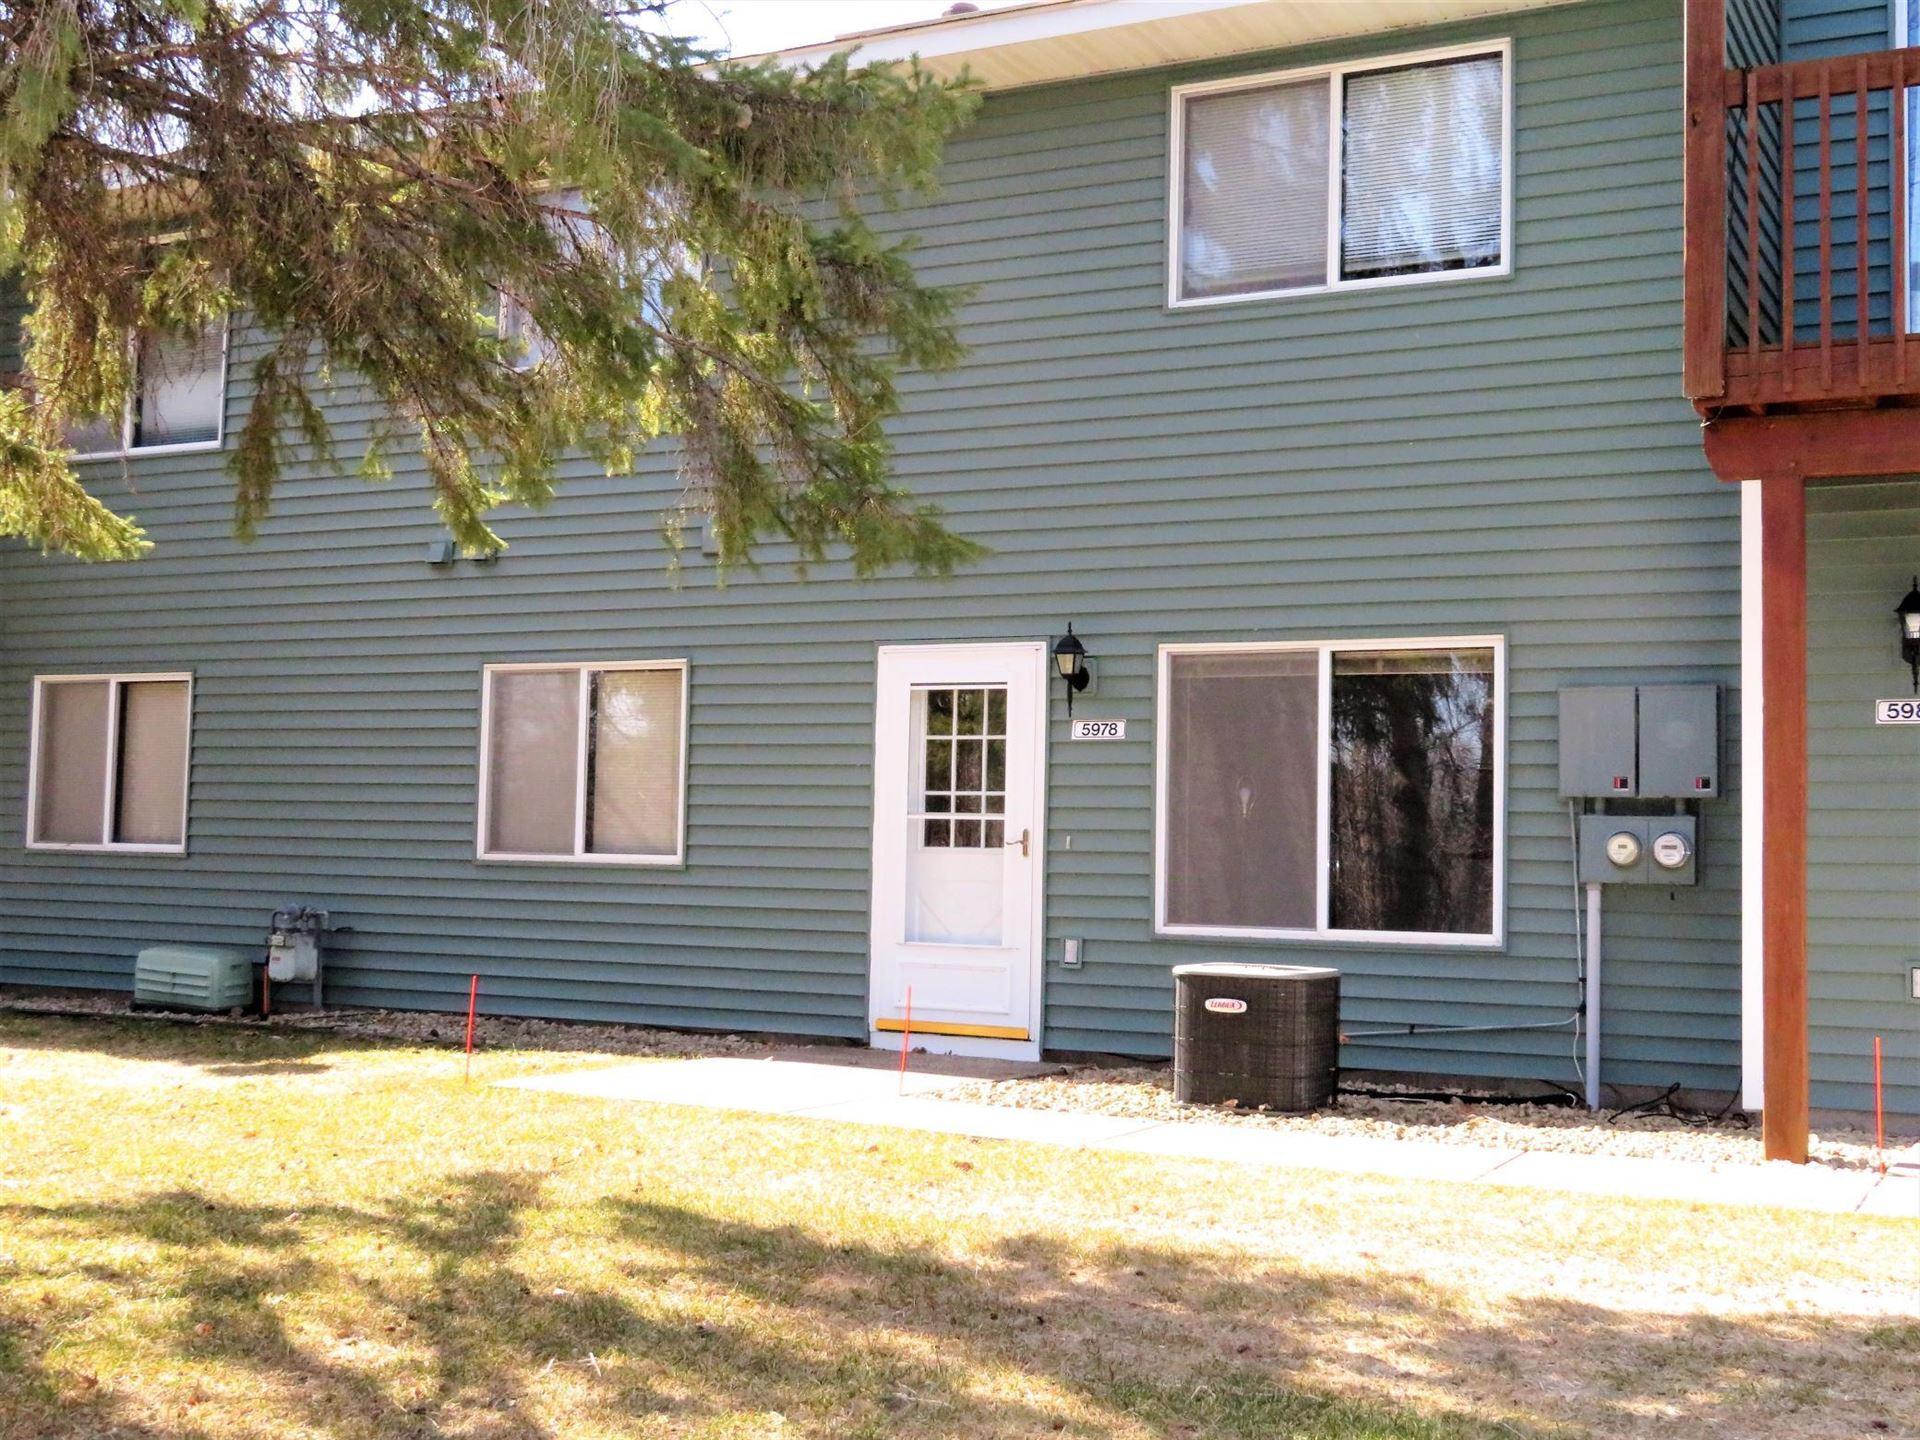 5978 Fernwood Street, Shoreview, MN 55126 - MLS#: 5727867